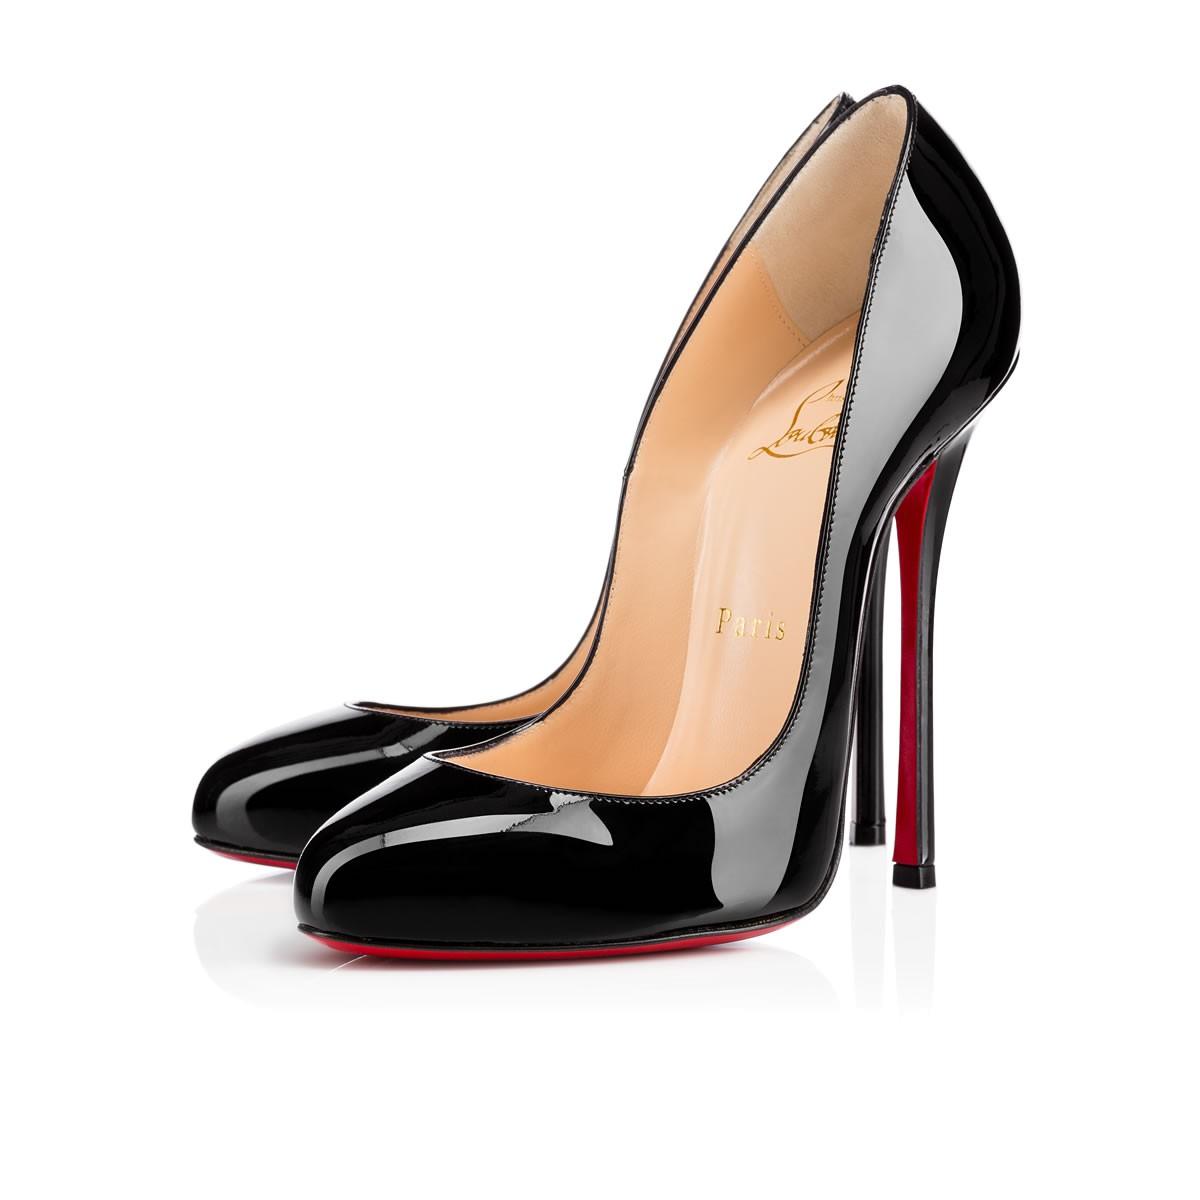 e5dcaac0f89c2 Soldes chaussure louboutin pas cher femme En Ligne Les Baskets chaussure  louboutin pas cher femme en vente outlet. Nouvelle Collection chaussure  louboutin ...